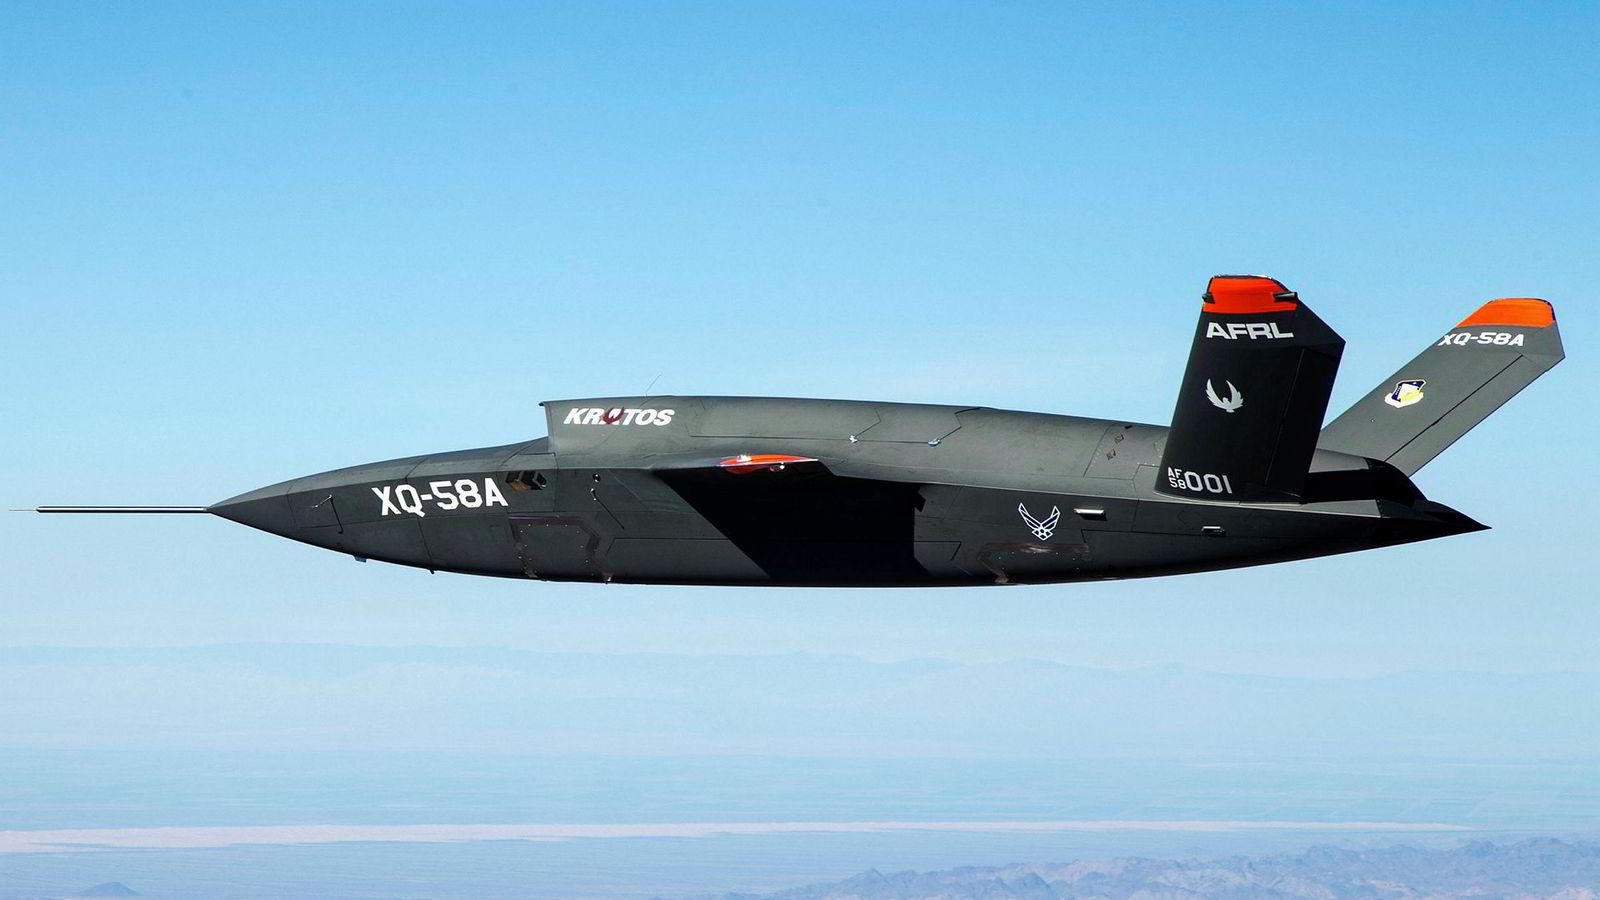 USA har utviklet neste generasjon droner, som denne  XQ-58A Valkyrie. Russland ligger etter, men satser stort på utvikling av ubemannede fly. Uttesting har skjedd både i Ukraina og i Syria.